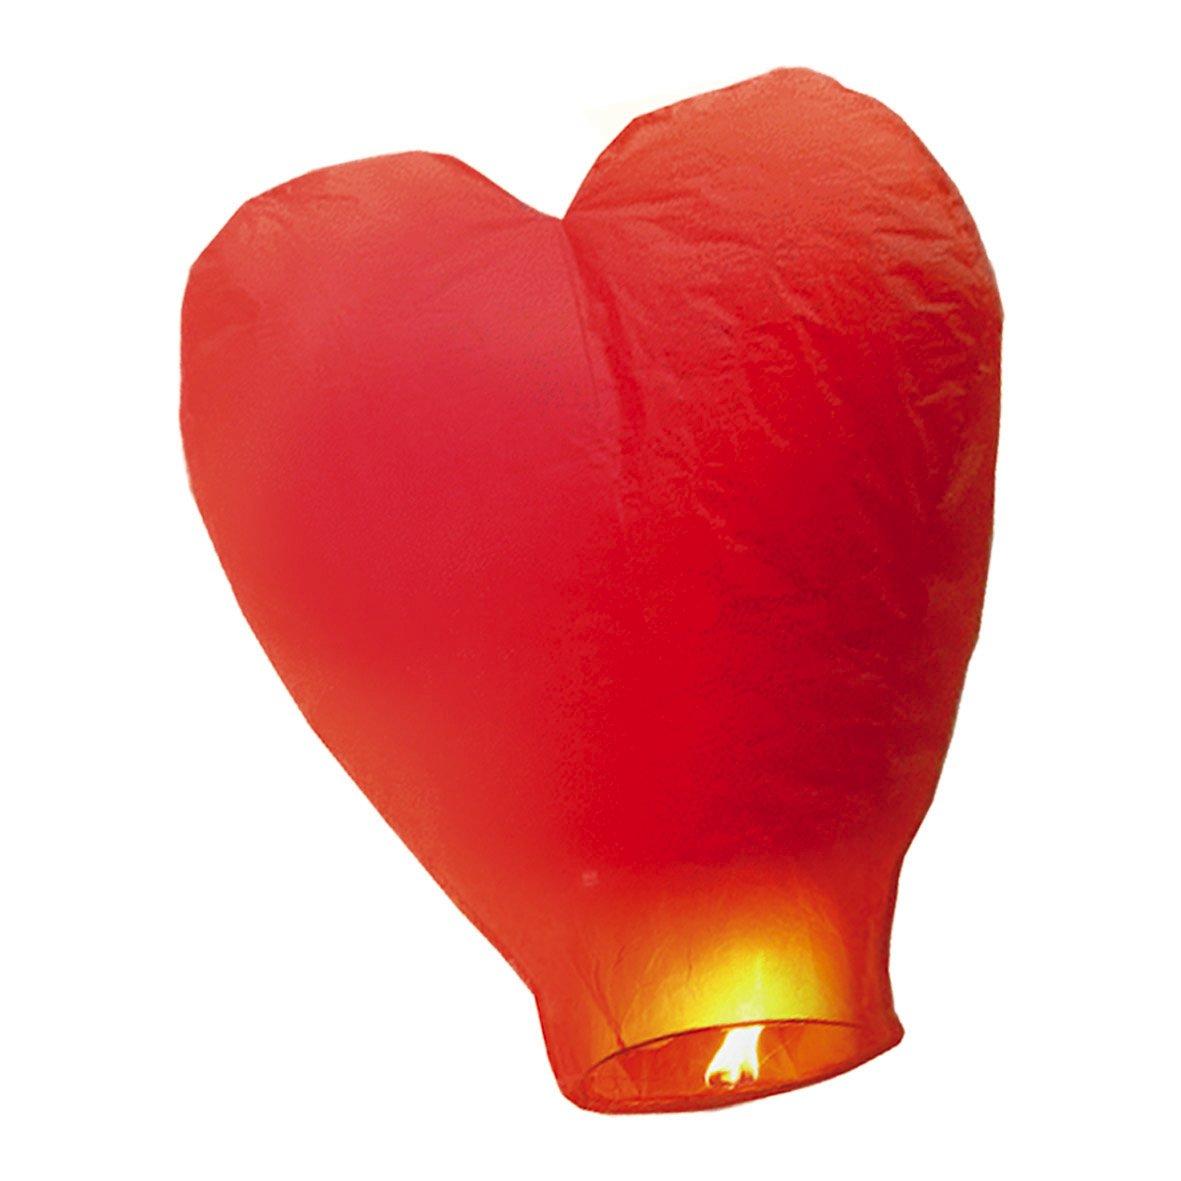 BiG Party Lanterna Dei Cieli - Cuore Rosso